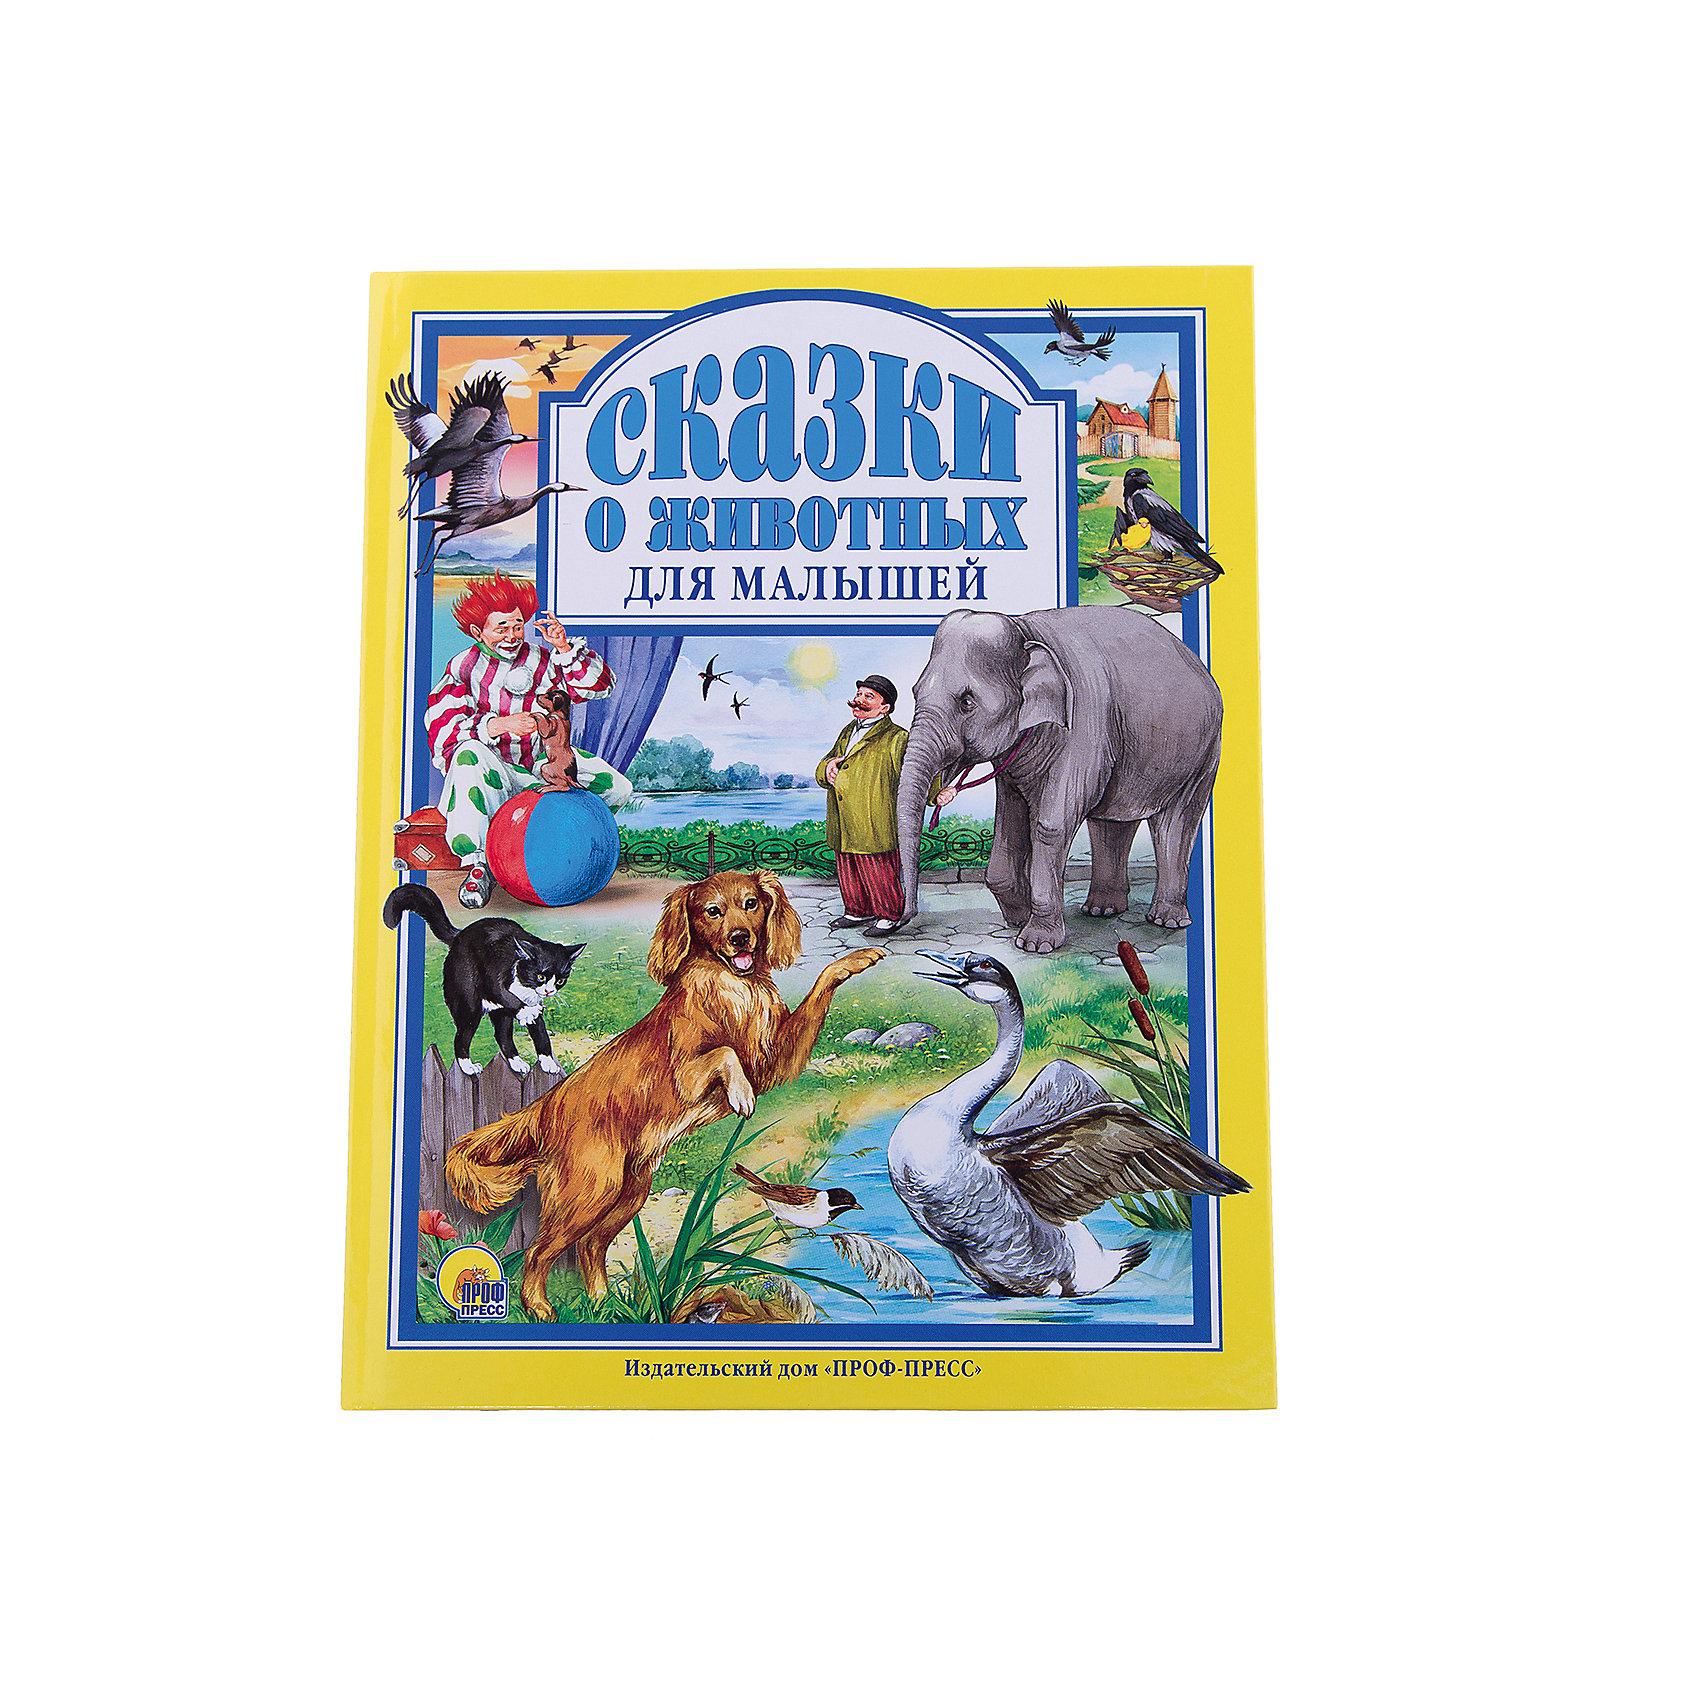 Сказки о животных для малышейСказки<br>Данная серия собрала сказки, проверенные многими поколениями, которые понравятся и современным детям. Книги - это лучший подарок не только взрослым, они помогают детям познавать мир и учиться читать, также книги позволяют ребенку весело проводить время. Они также стимулируют развитие воображения, логики и творческого мышления.<br>Это издание очень красиво оформлено, в него вошли самые интересные сказки. Яркие картинки обязательно понравятся малышам! Книга сделана из качественных и безопасных для детей материалов. Содержание: произведения известных русских писателей: Дмитрия Мамина-Сибиряка, Константина Ушинского, Льва Толстого, Александра Куприна( в сокращении), Антона Чехова и Саши Чёрного.<br>  <br>Дополнительная информация:<br><br>размер: 200х265 мм;<br>вес: 441 г.<br><br>Книгу Сказки о животных для малышей от издательства Проф-Пресс можно купить в нашем магазине.<br><br>Ширина мм: 200<br>Глубина мм: 13<br>Высота мм: 265<br>Вес г: 441<br>Возраст от месяцев: 0<br>Возраст до месяцев: 60<br>Пол: Унисекс<br>Возраст: Детский<br>SKU: 4787334